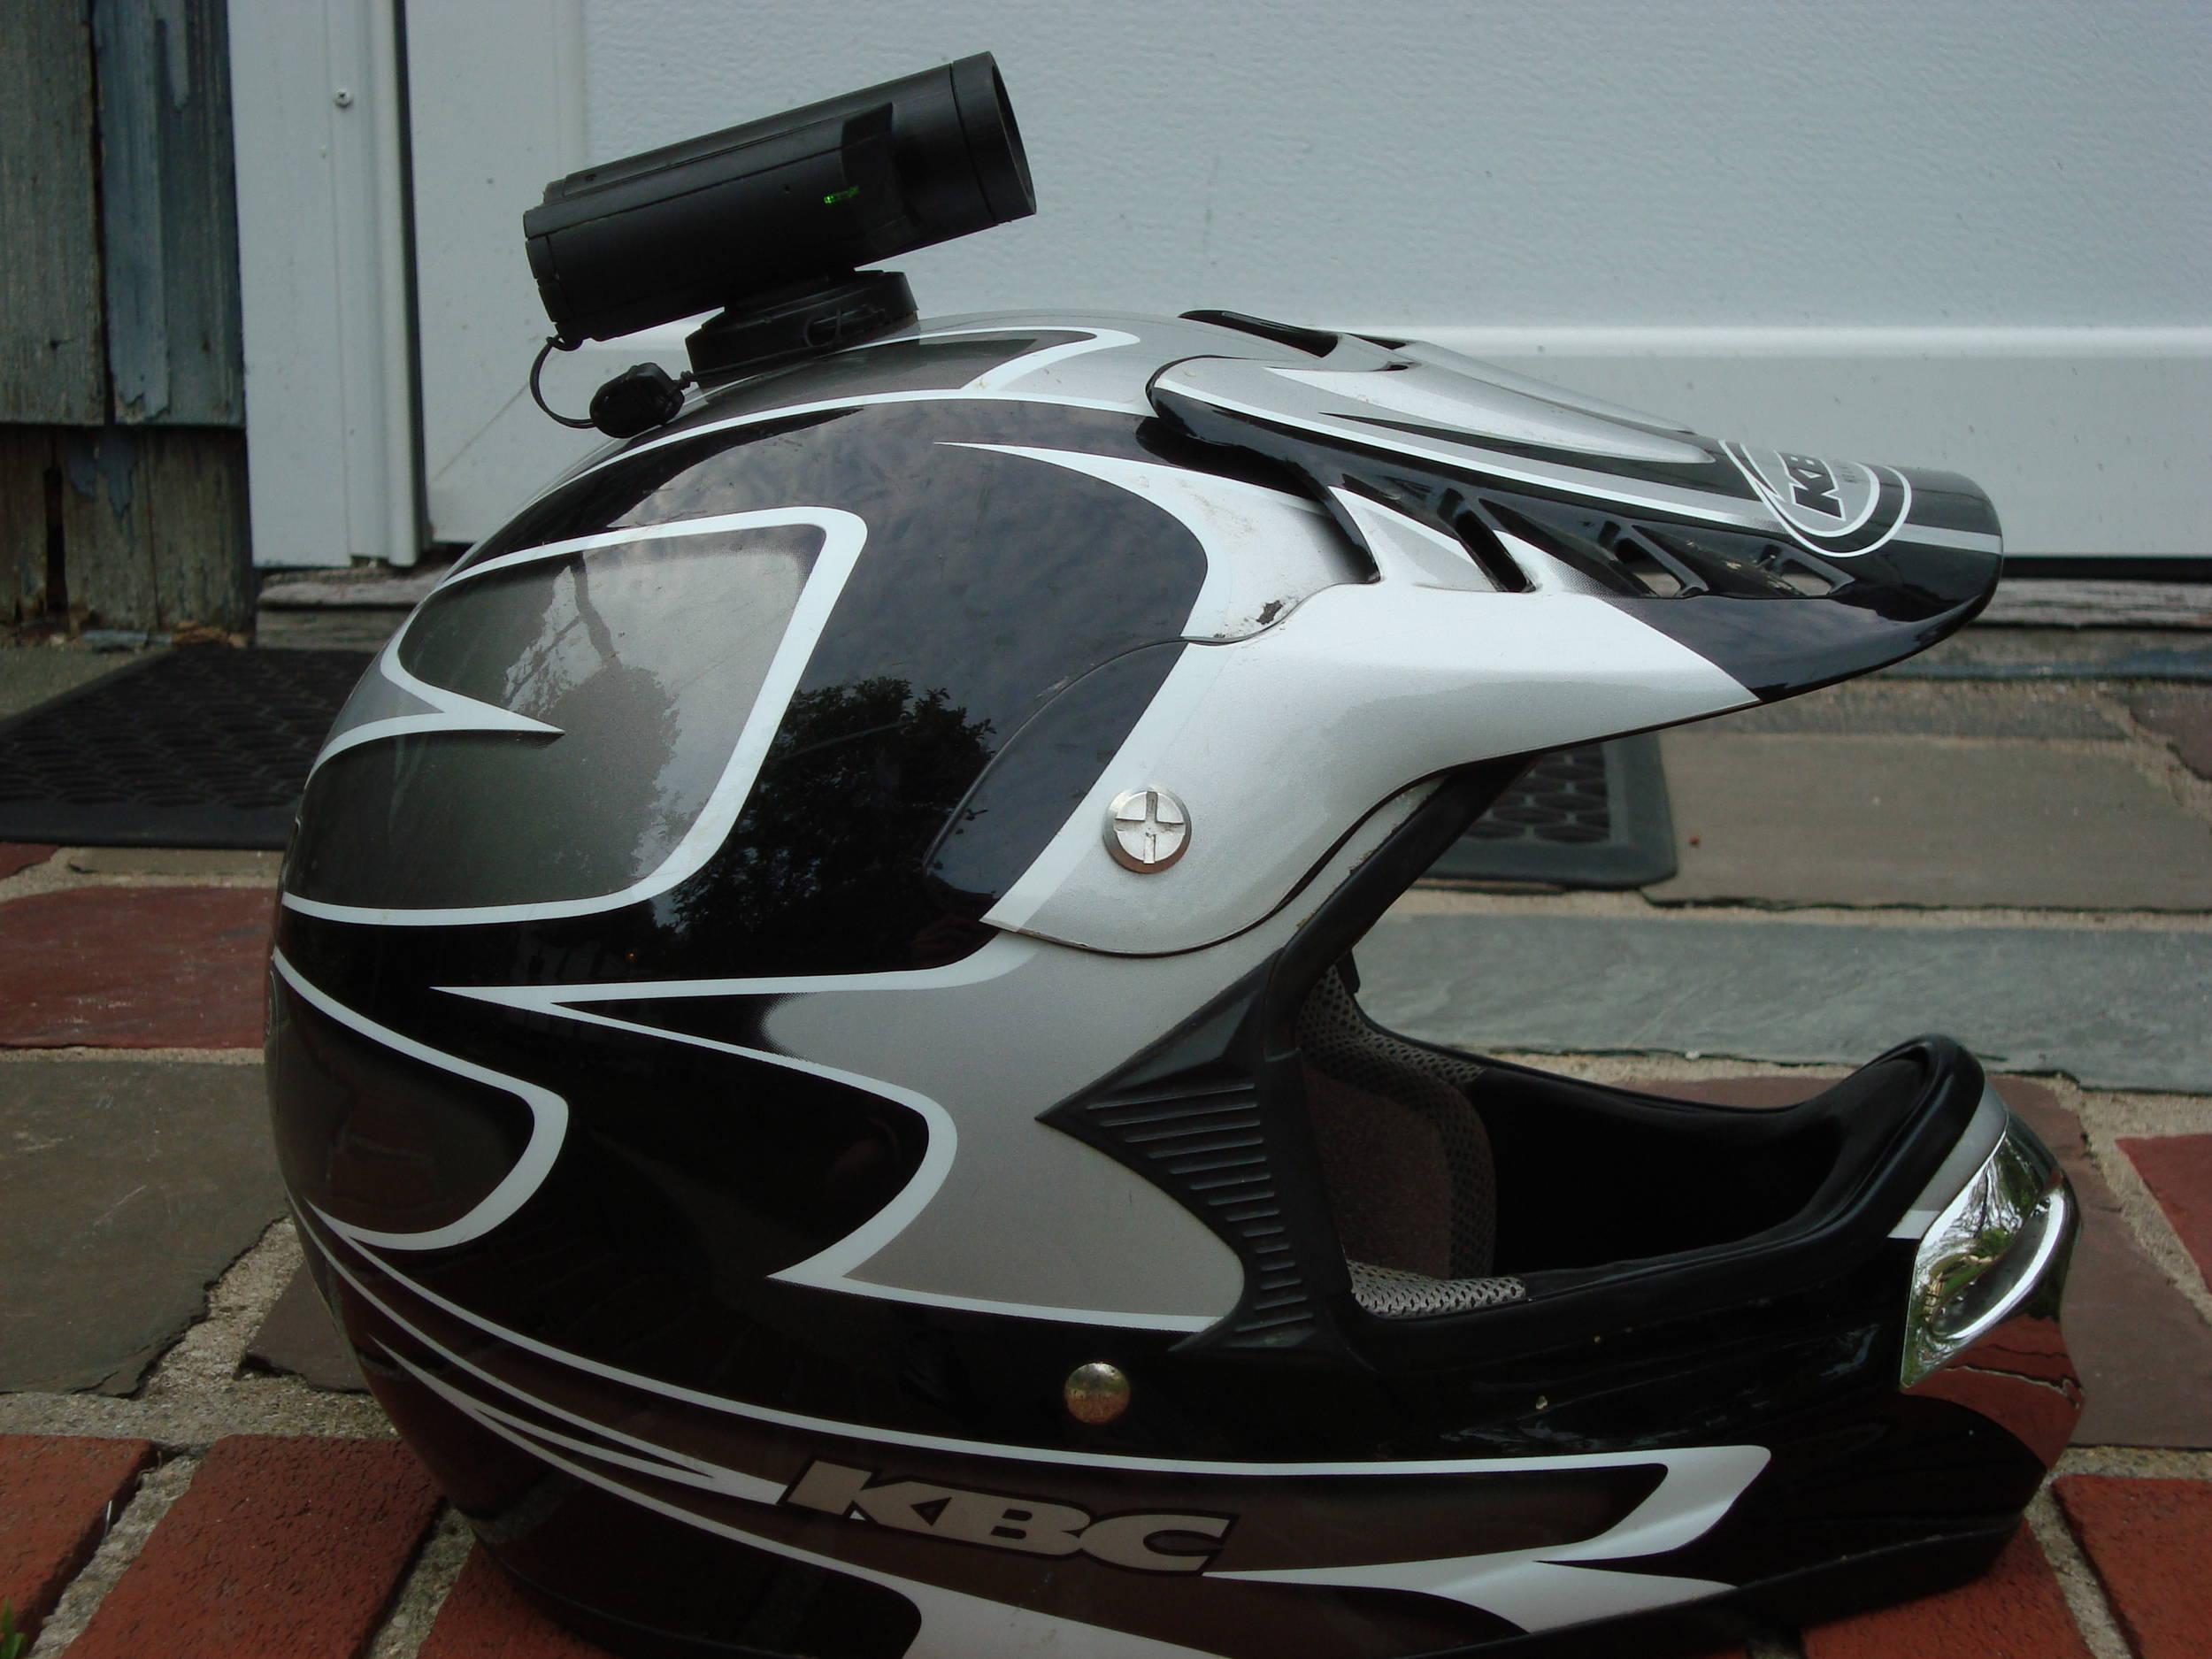 helmet_cam_2.JPG